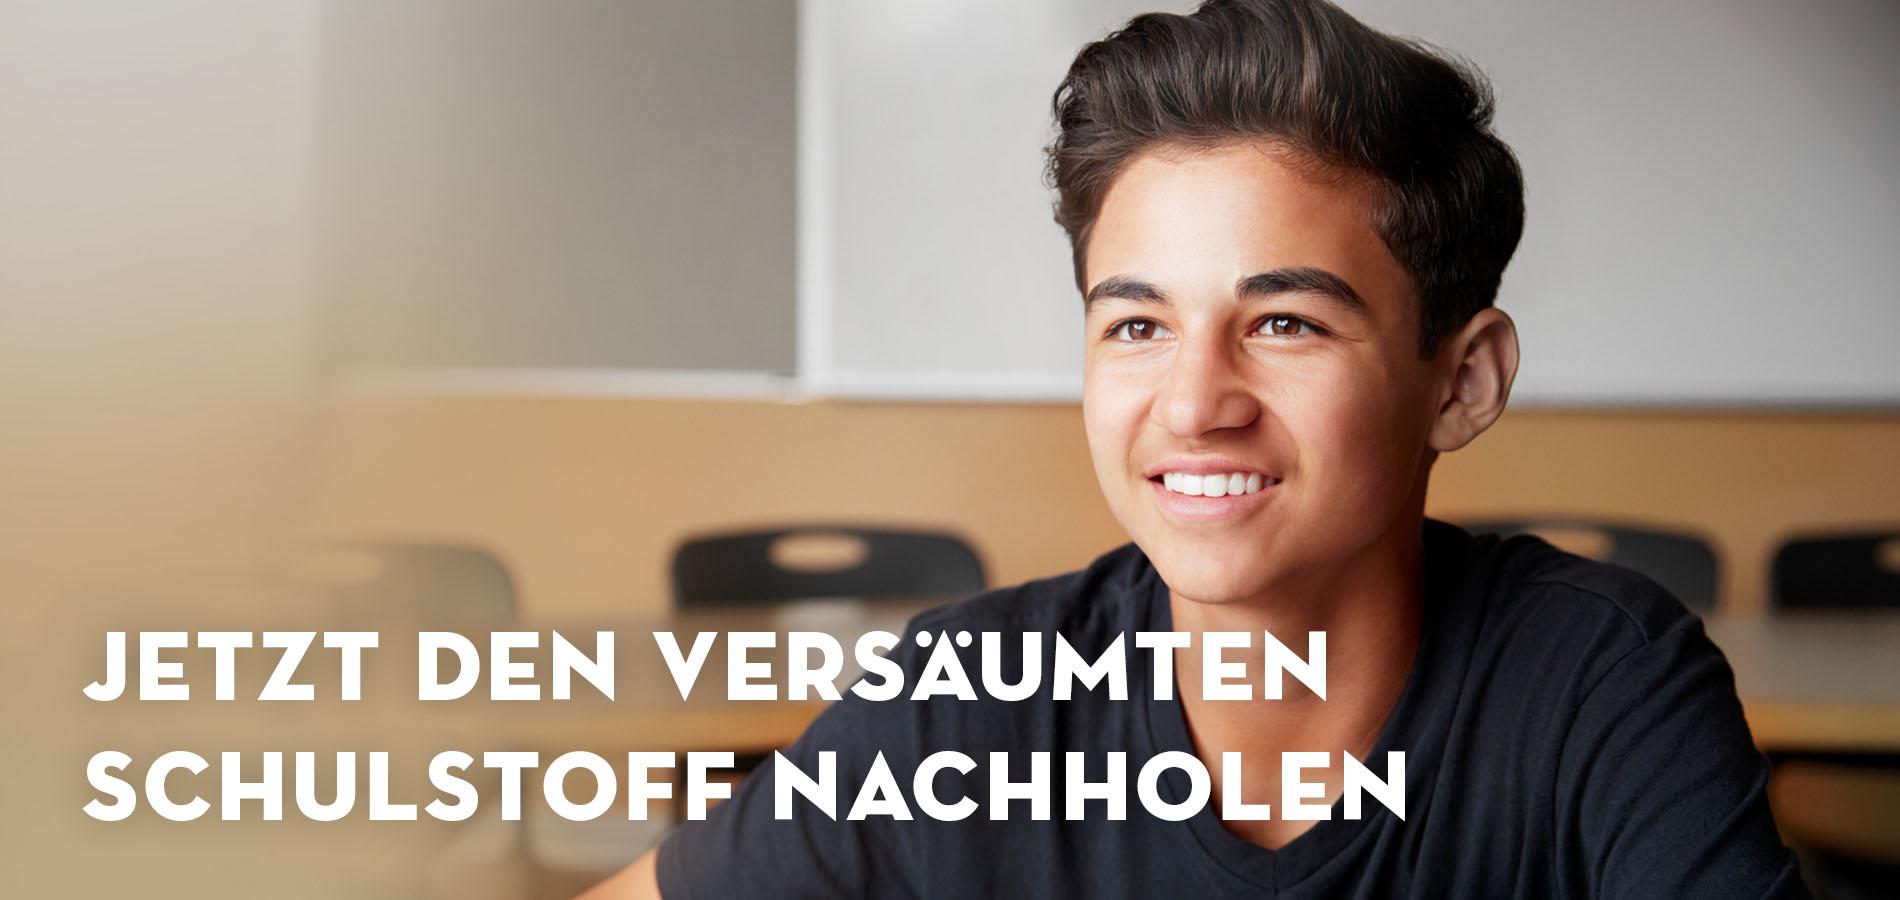 Einzelnachhilfe zu Hause Lehrer Studenten Nürnberg Großraum Fürth Ingolstadt